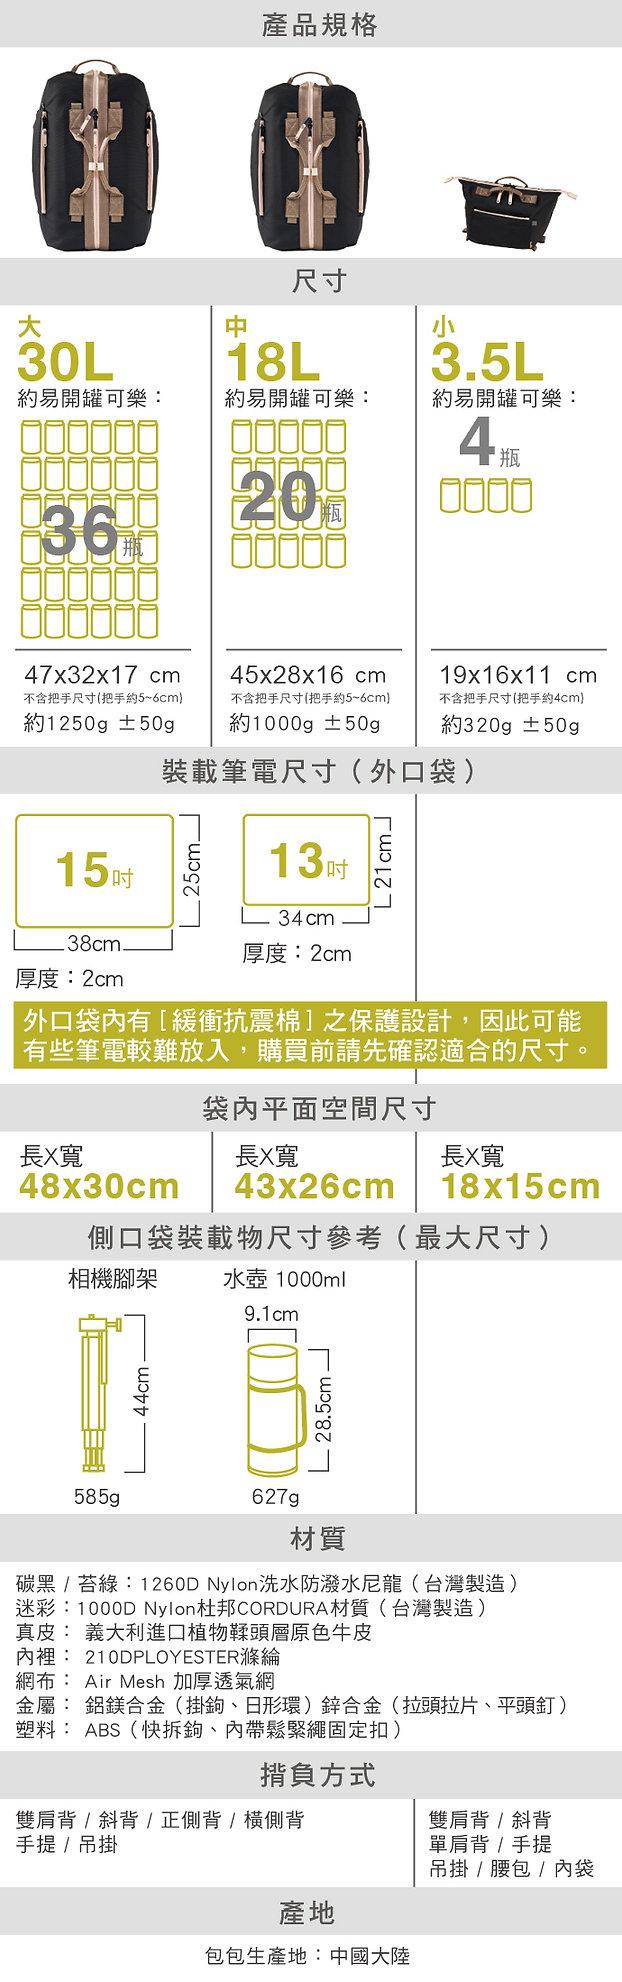 產品規格01.jpg